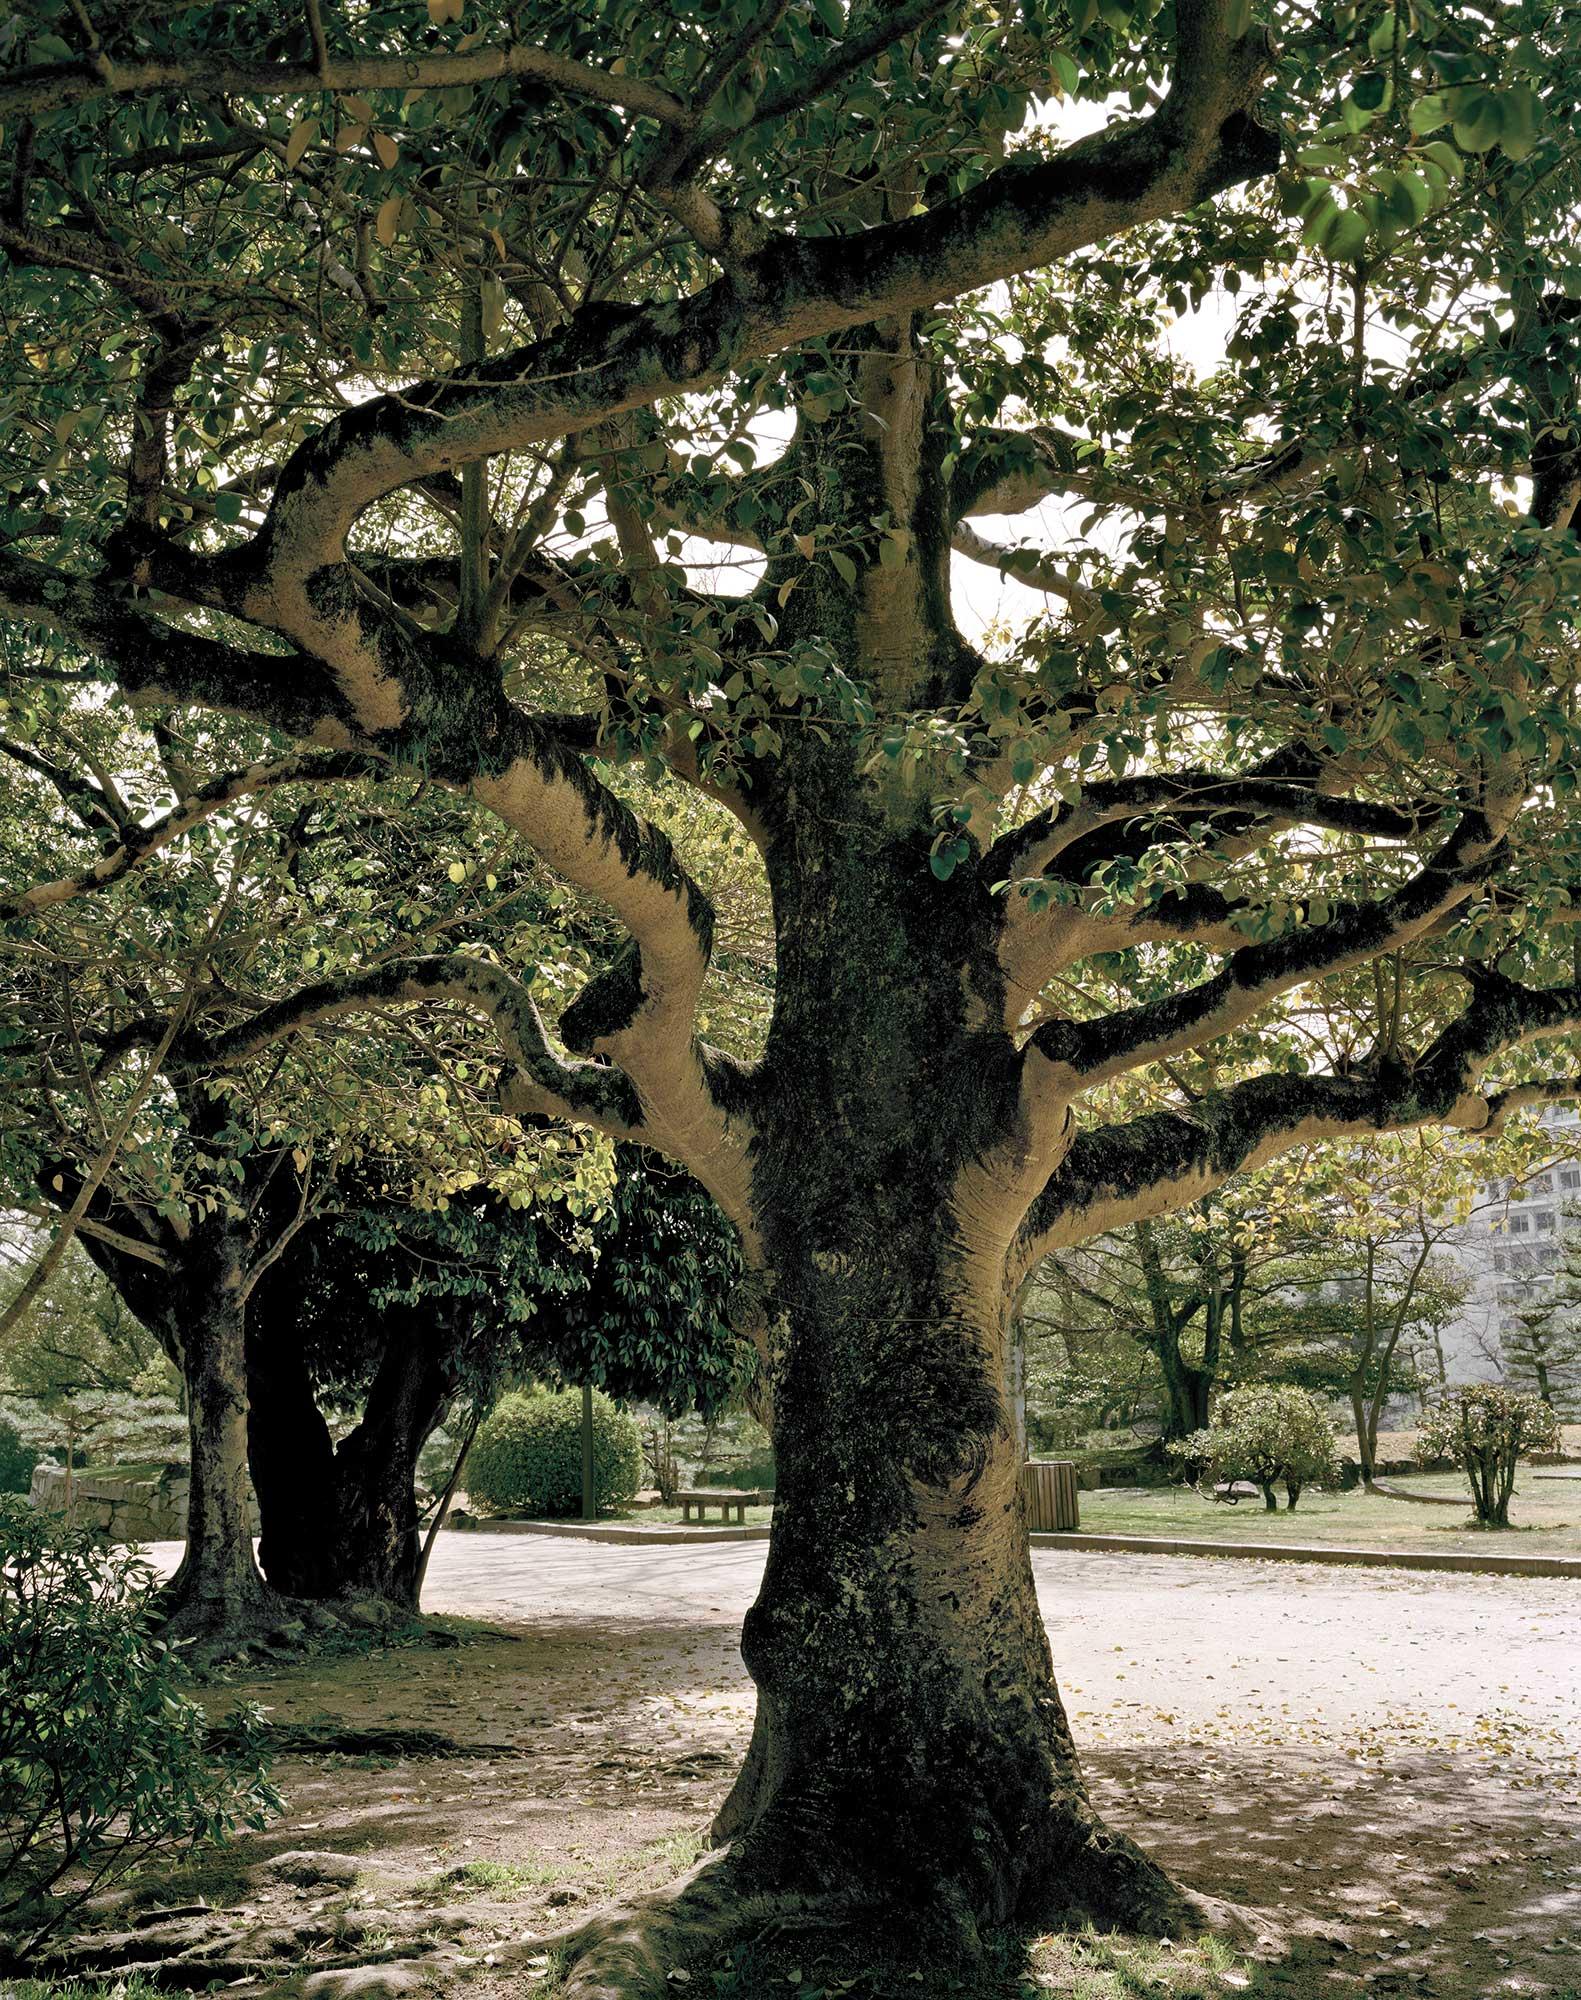 A-bomb Kurokane Holly Tree Near Hiroshima Castle, Approximately 910 meters from the Hypocenter, 30 x 40, Chromogenic Print, 2013.